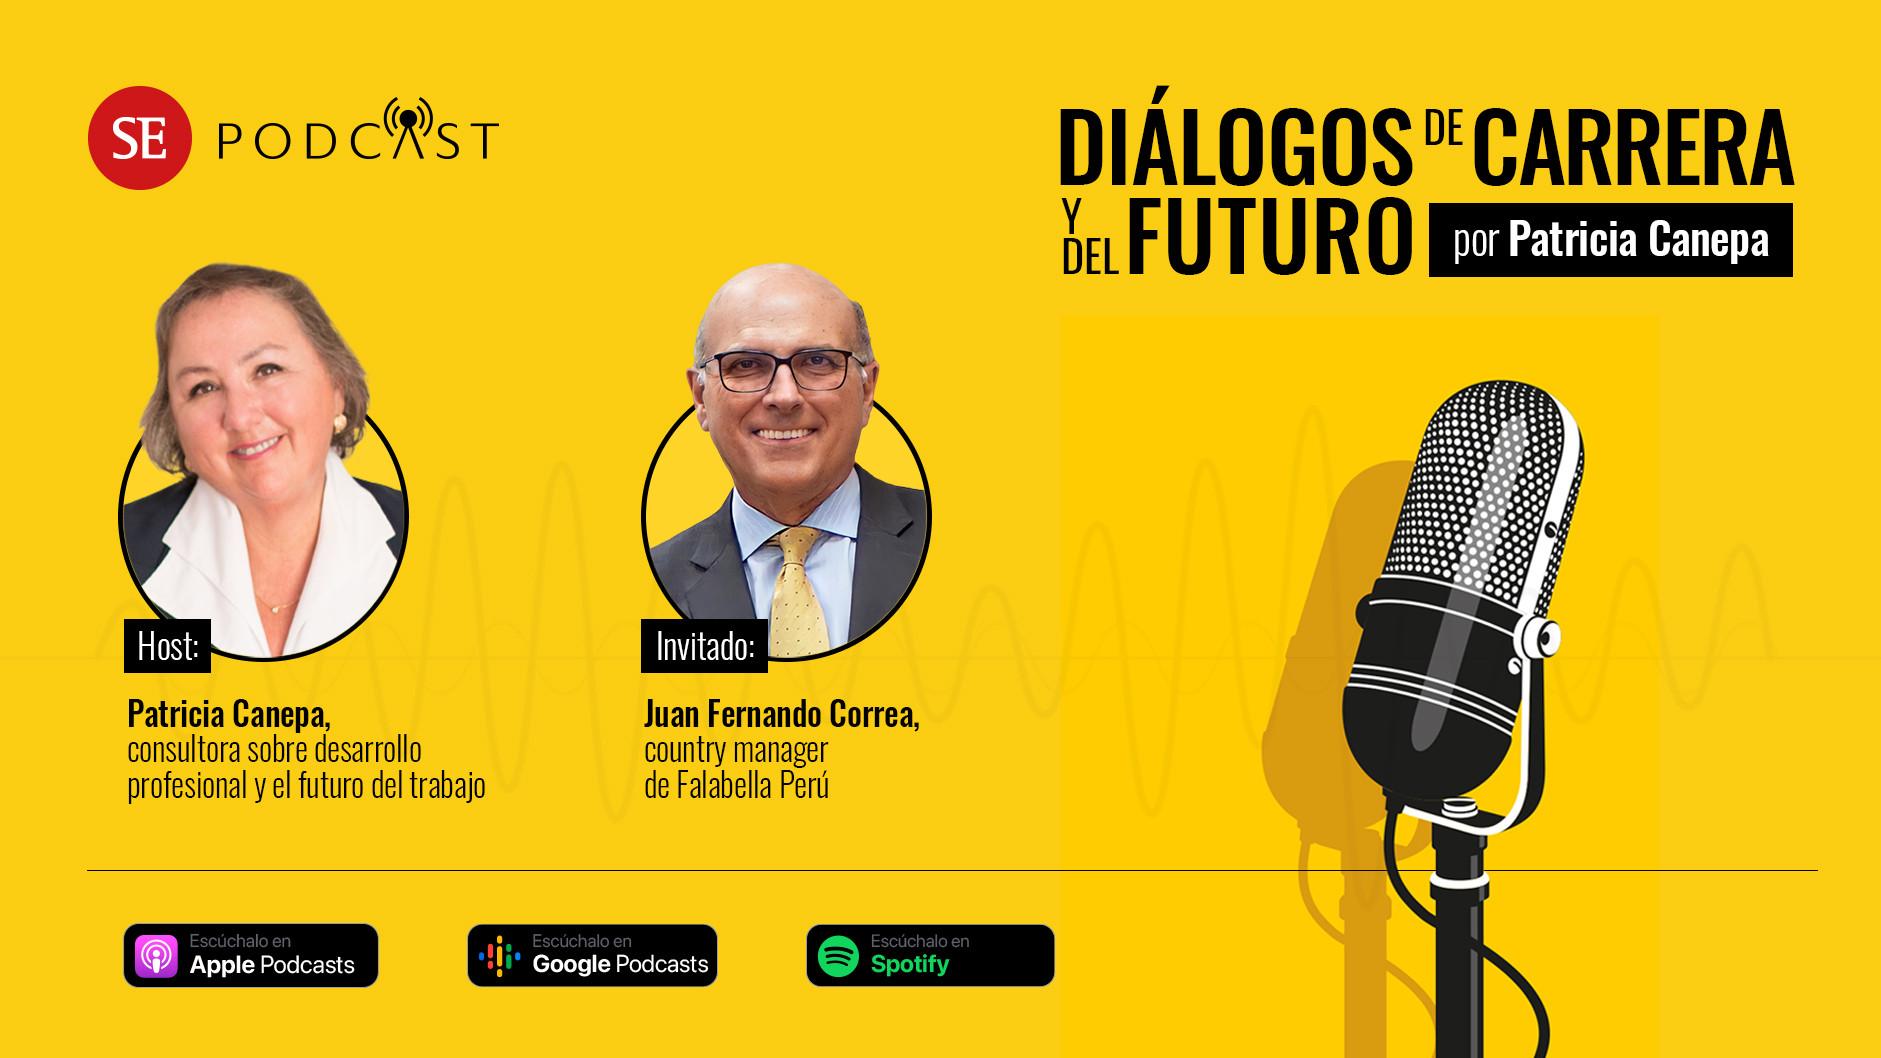 PODCAST: El futuro del sector retail y de las carreras de ingeniería, con Juan Fernando Correa